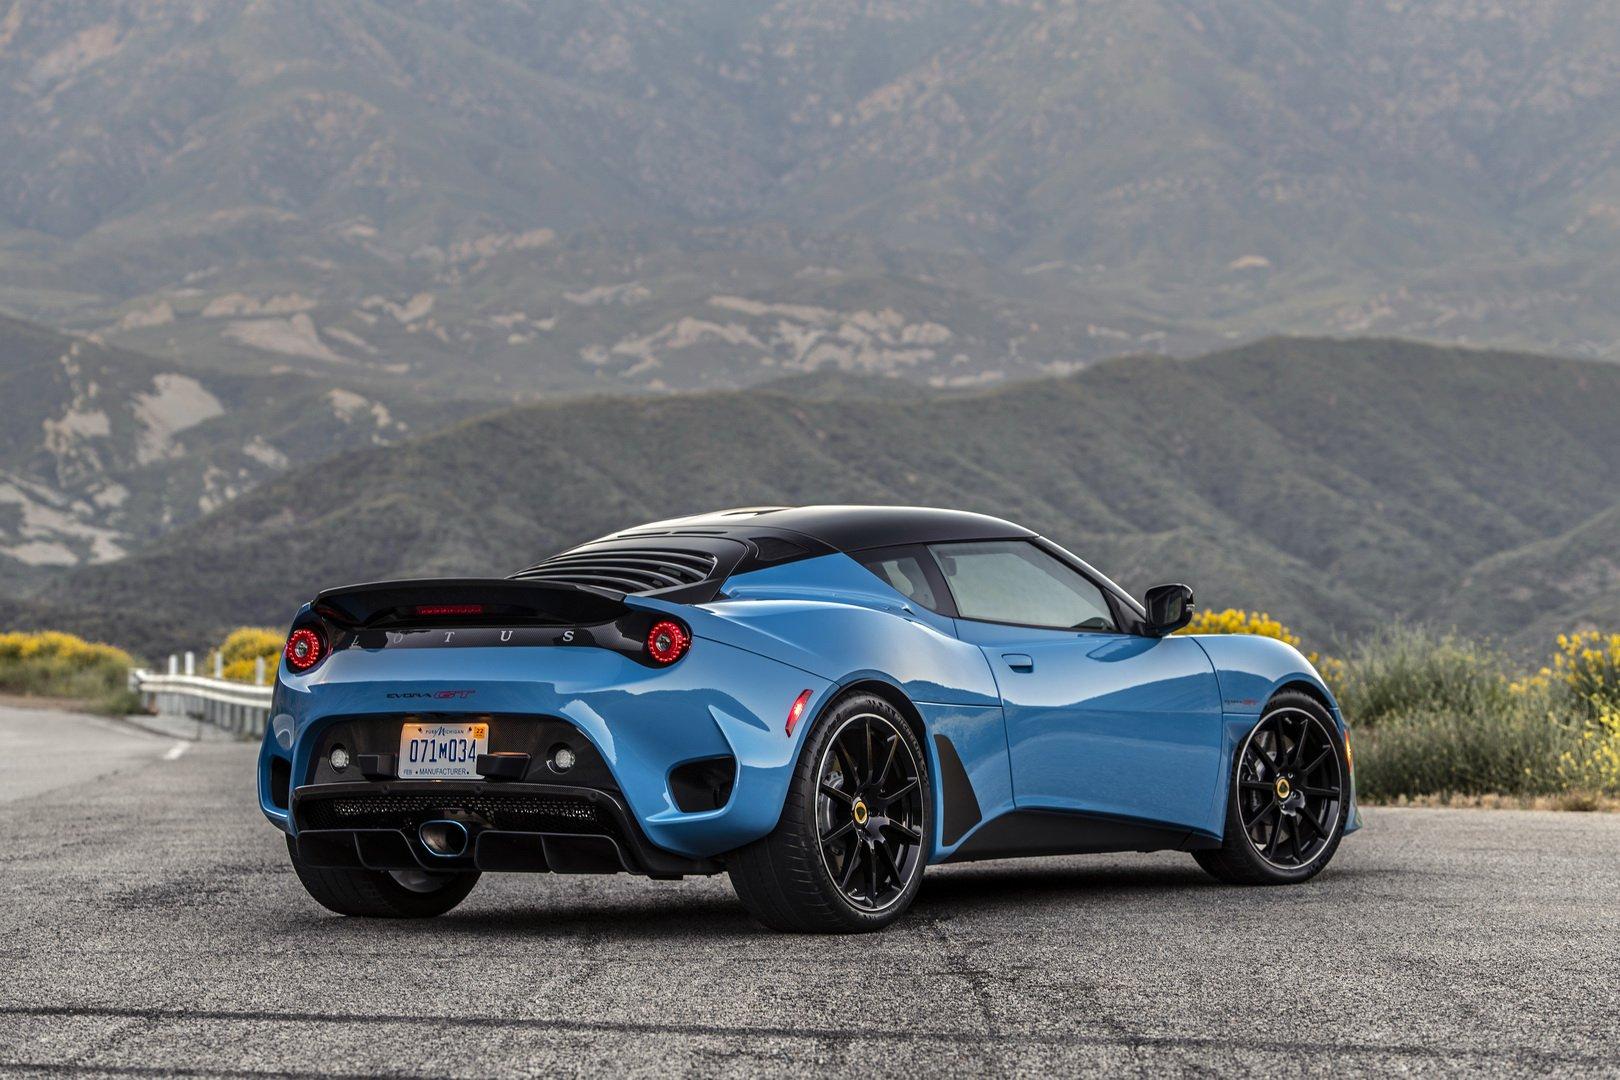 Lotus-Evora-GT-2020-7